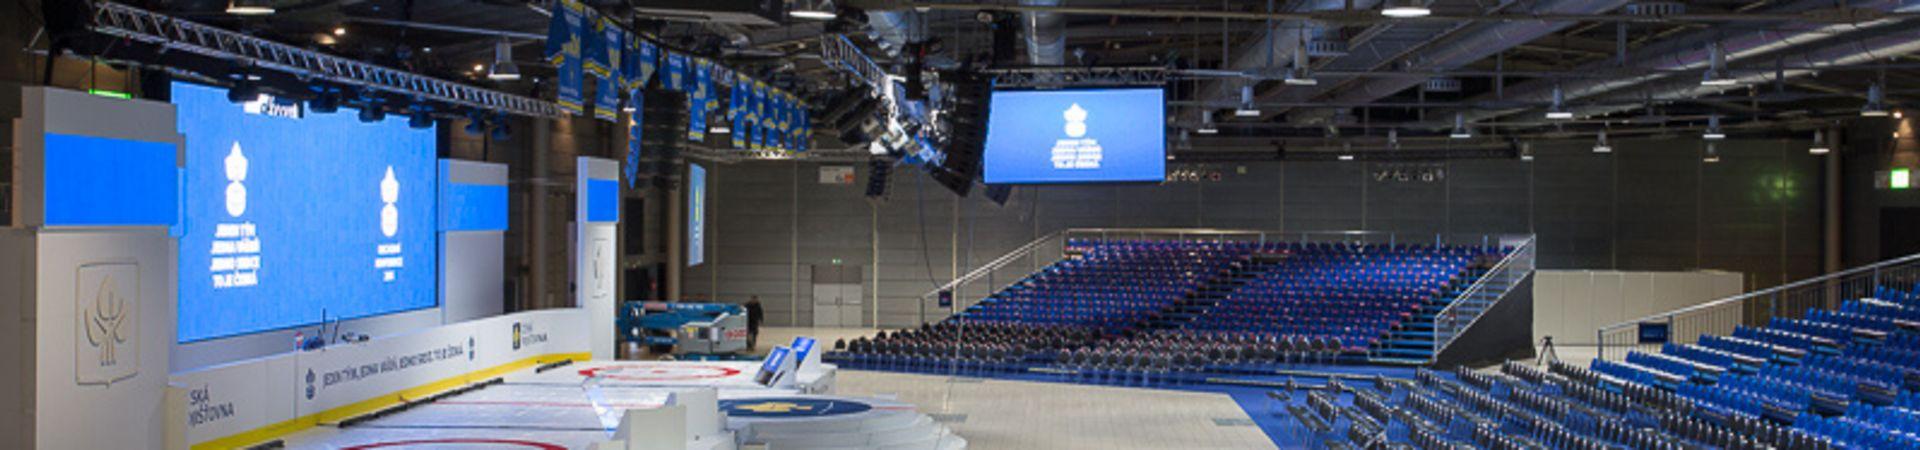 Kongresové prostory - Veletrhy Brno